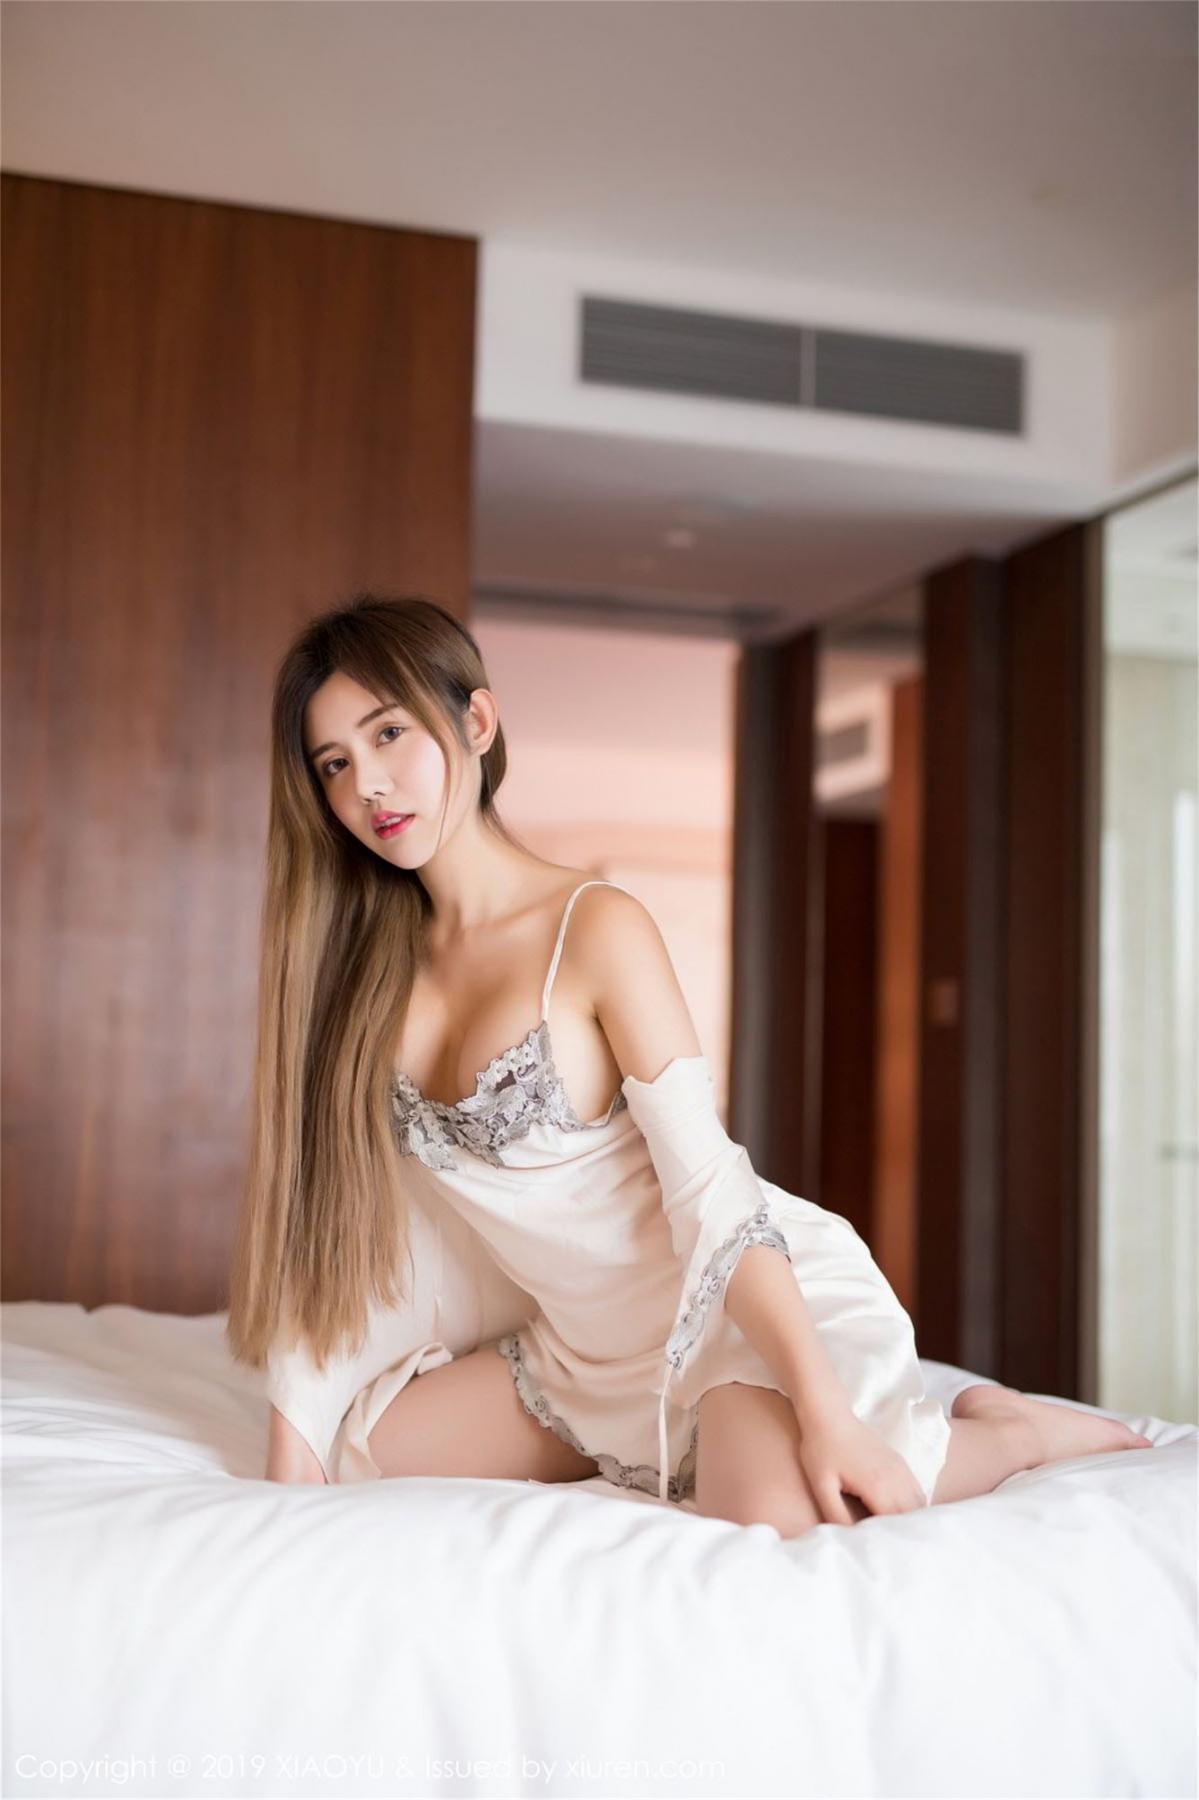 [XiaoYu] Vol.093 Zhuo Ya Qi 1P, Underwear, XiaoYu, Zhuo Ya Qi